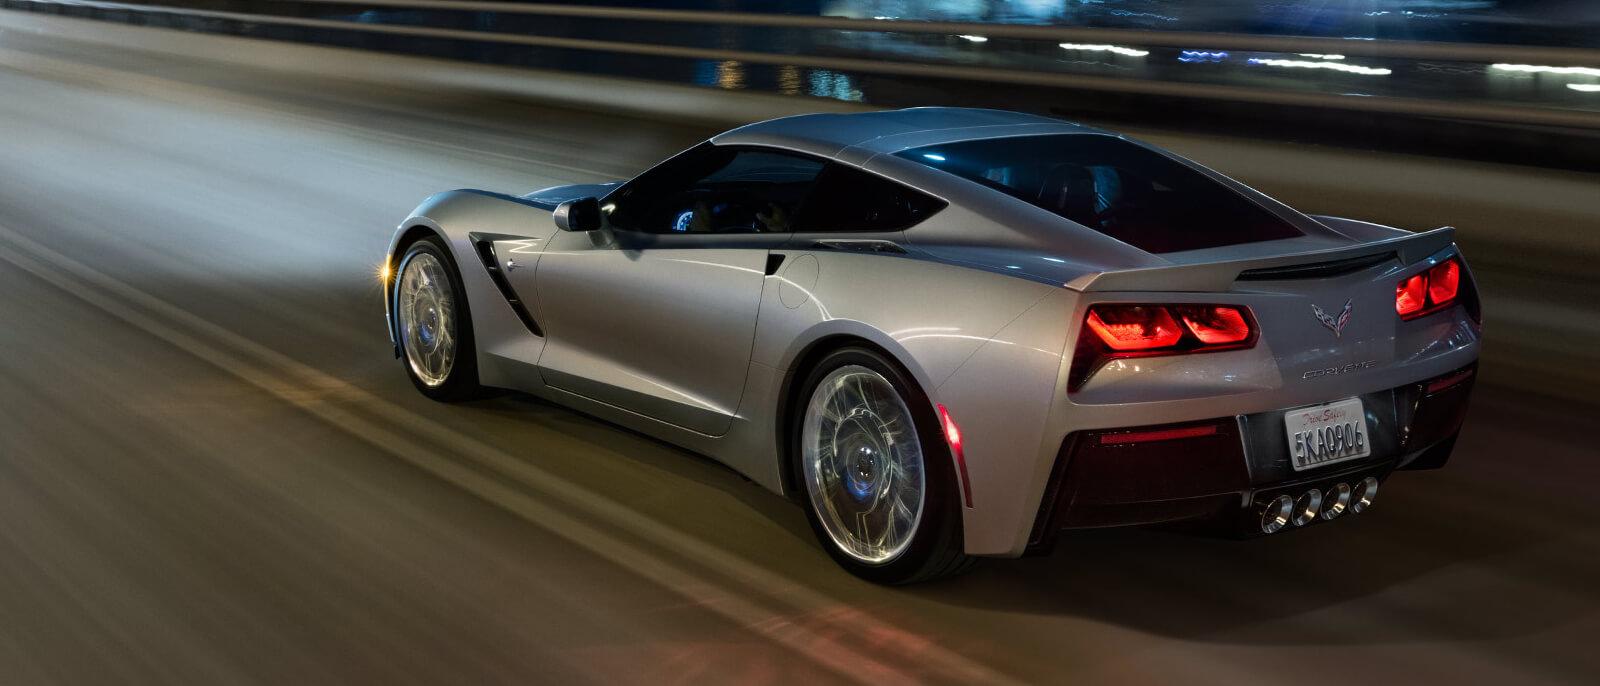 2017-Chevrolet-Corvette-Stingray-slide3-1